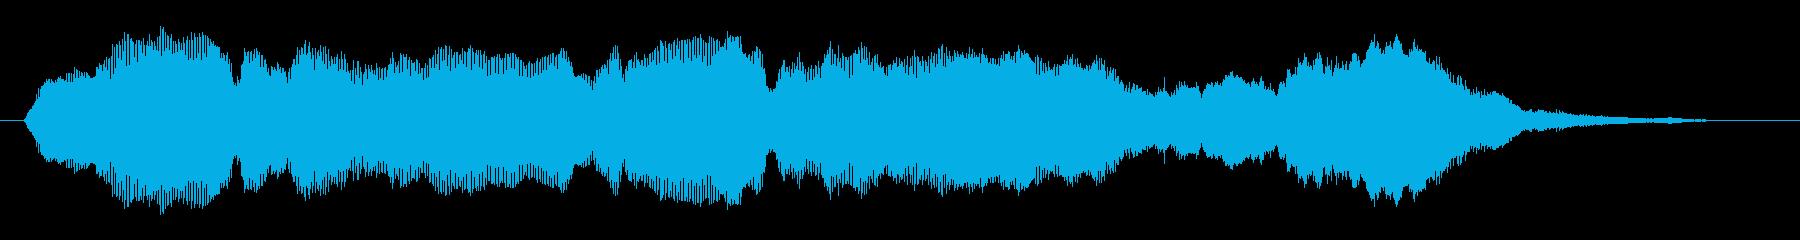 ファーン、キンコン(宇宙、幻想的、風)の再生済みの波形